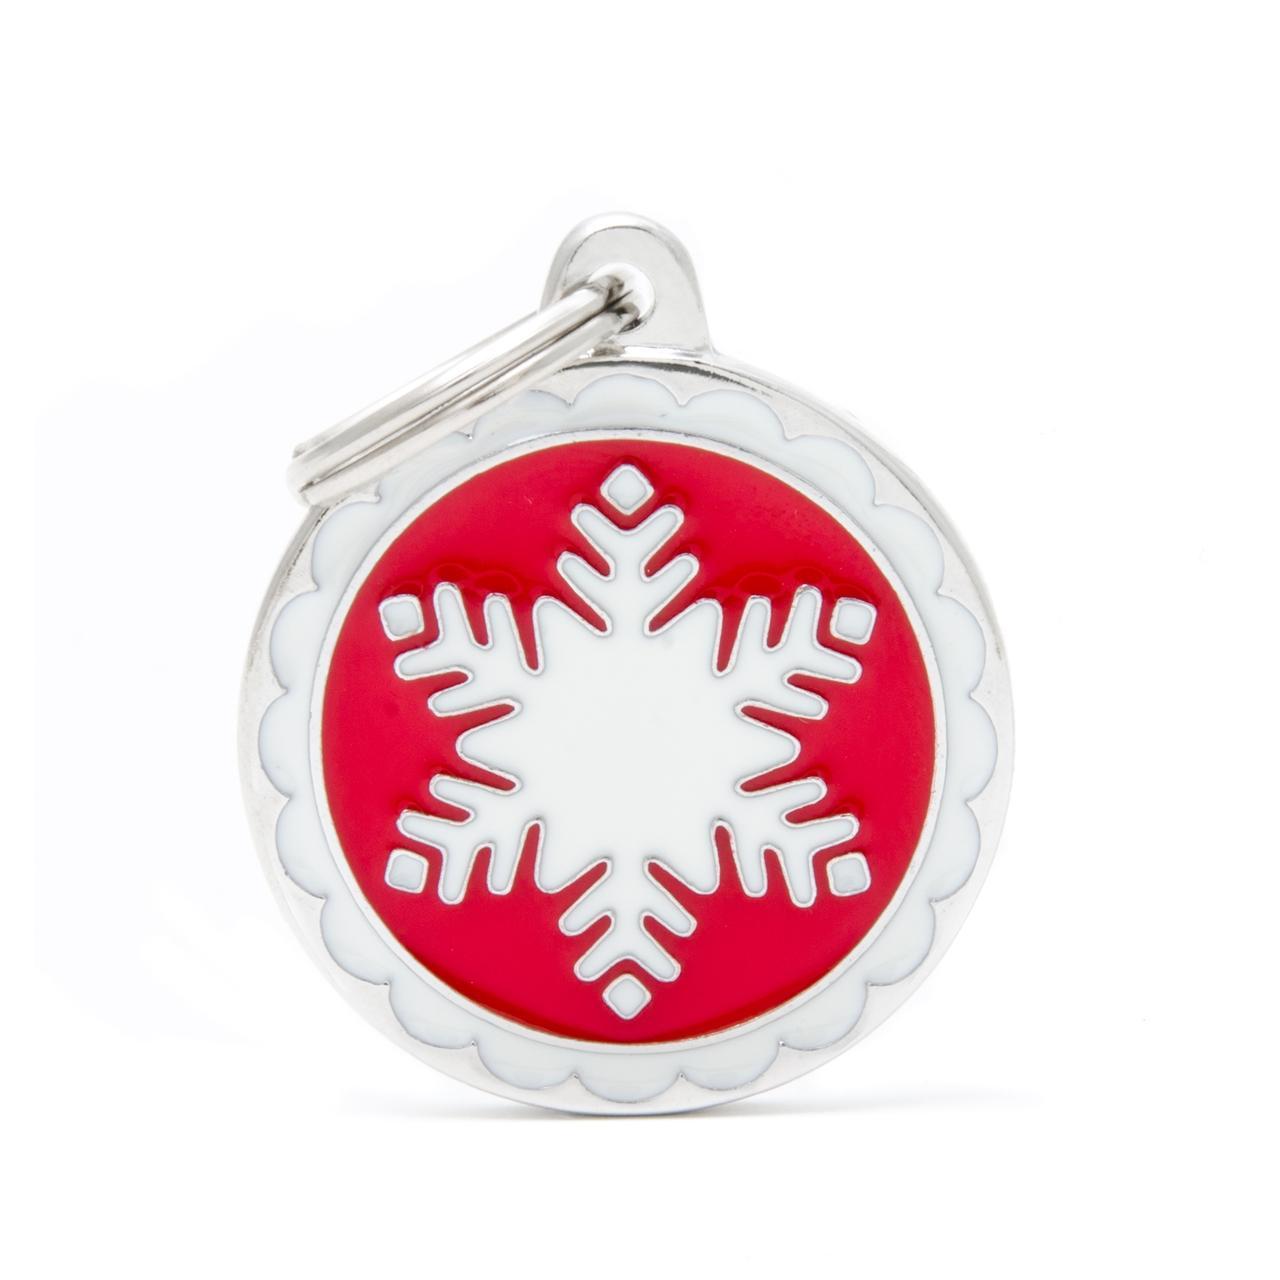 Placa Circulo Grande Rojo Copo De Nieve Blanco